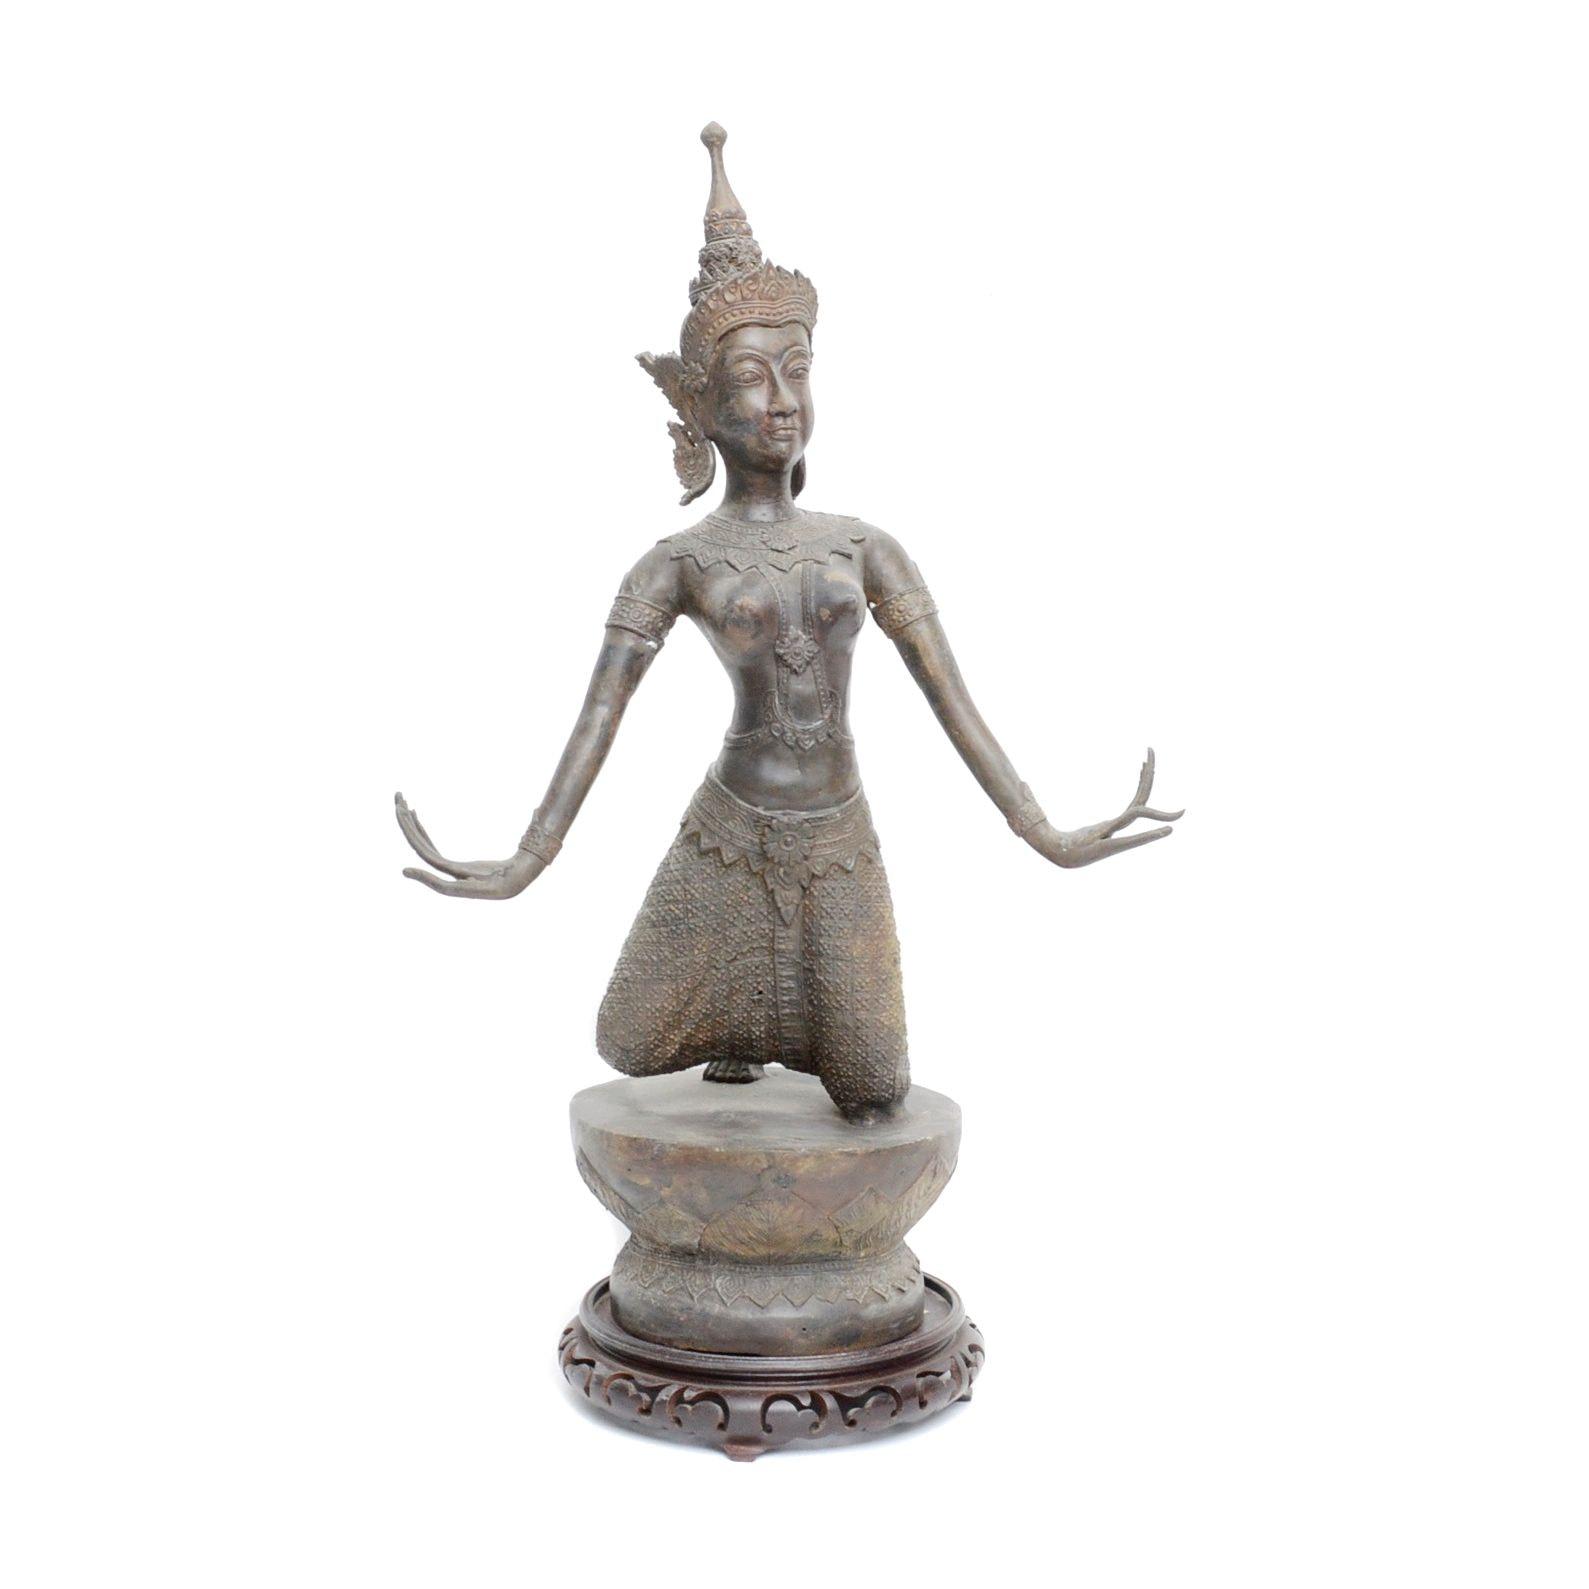 Thai Bronze Sculpture of Kneeling Dancer